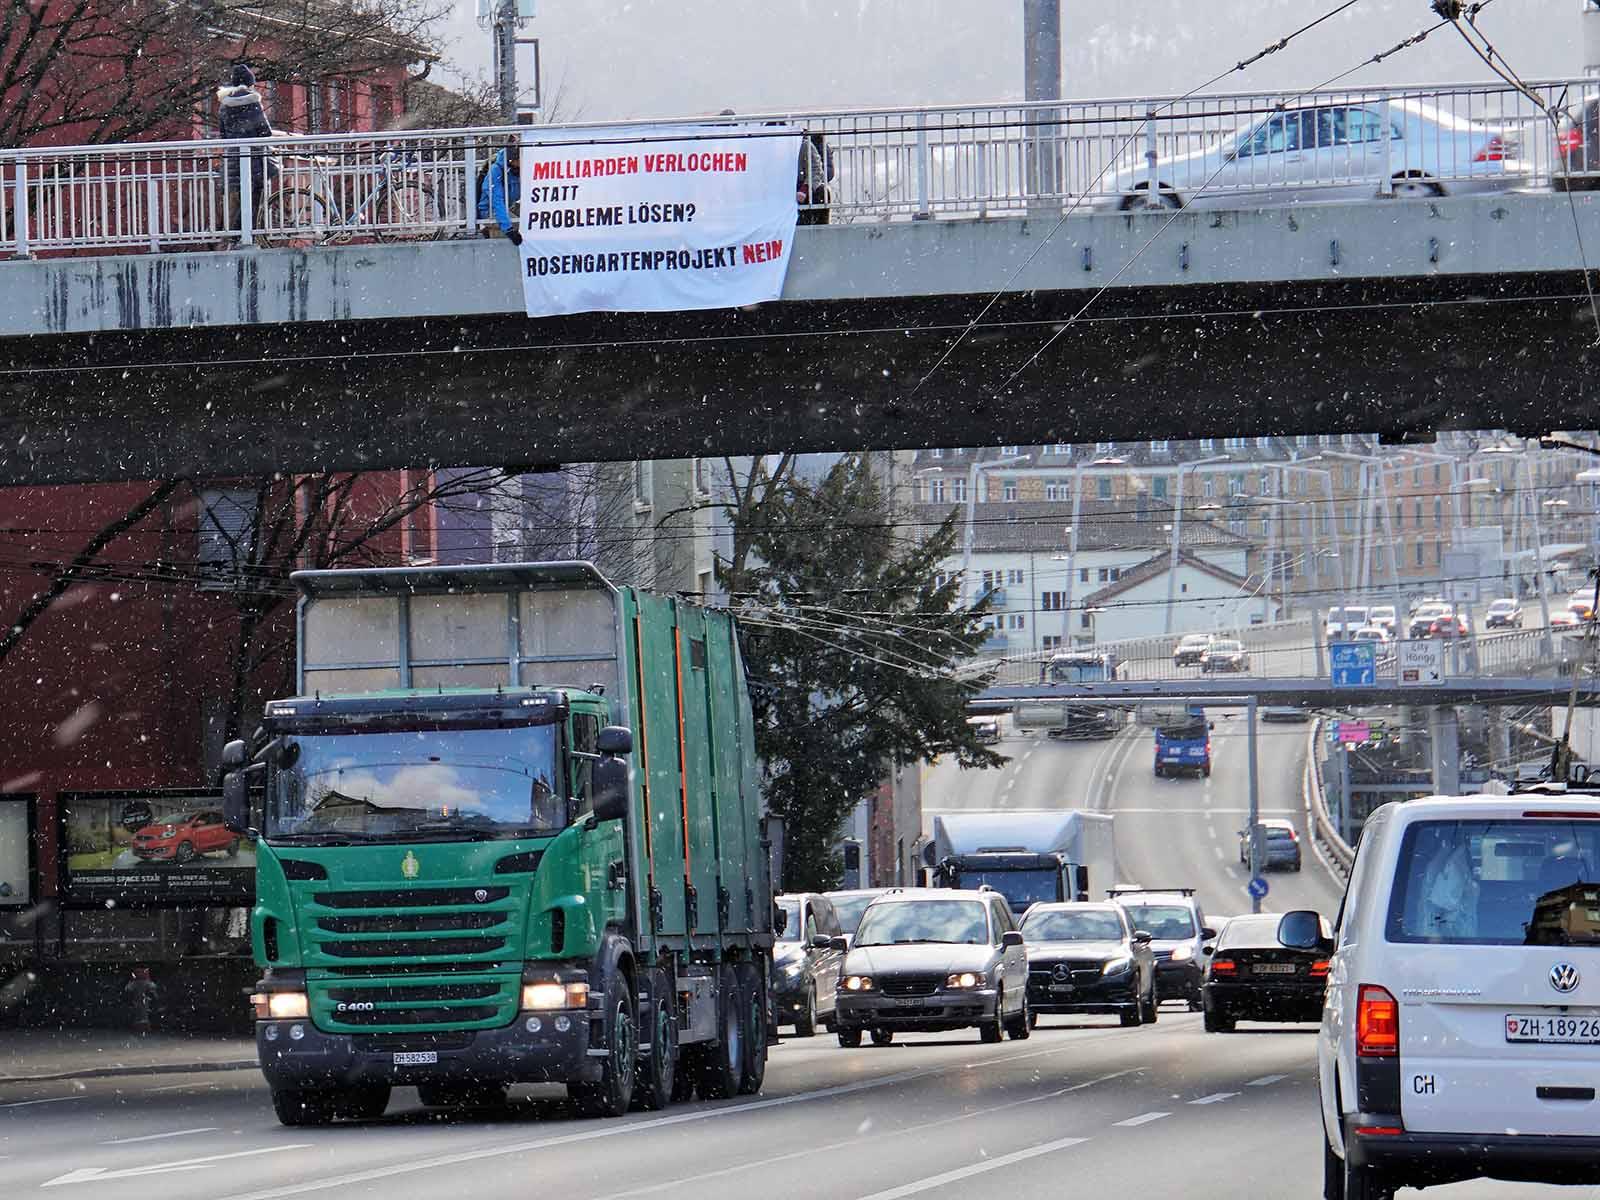 Seit Wochen kämpft die SP gegen das geplante Rosengartenprojekt. Nun wird die Stimmbevölkerung den Tunnel stoppen müssen.